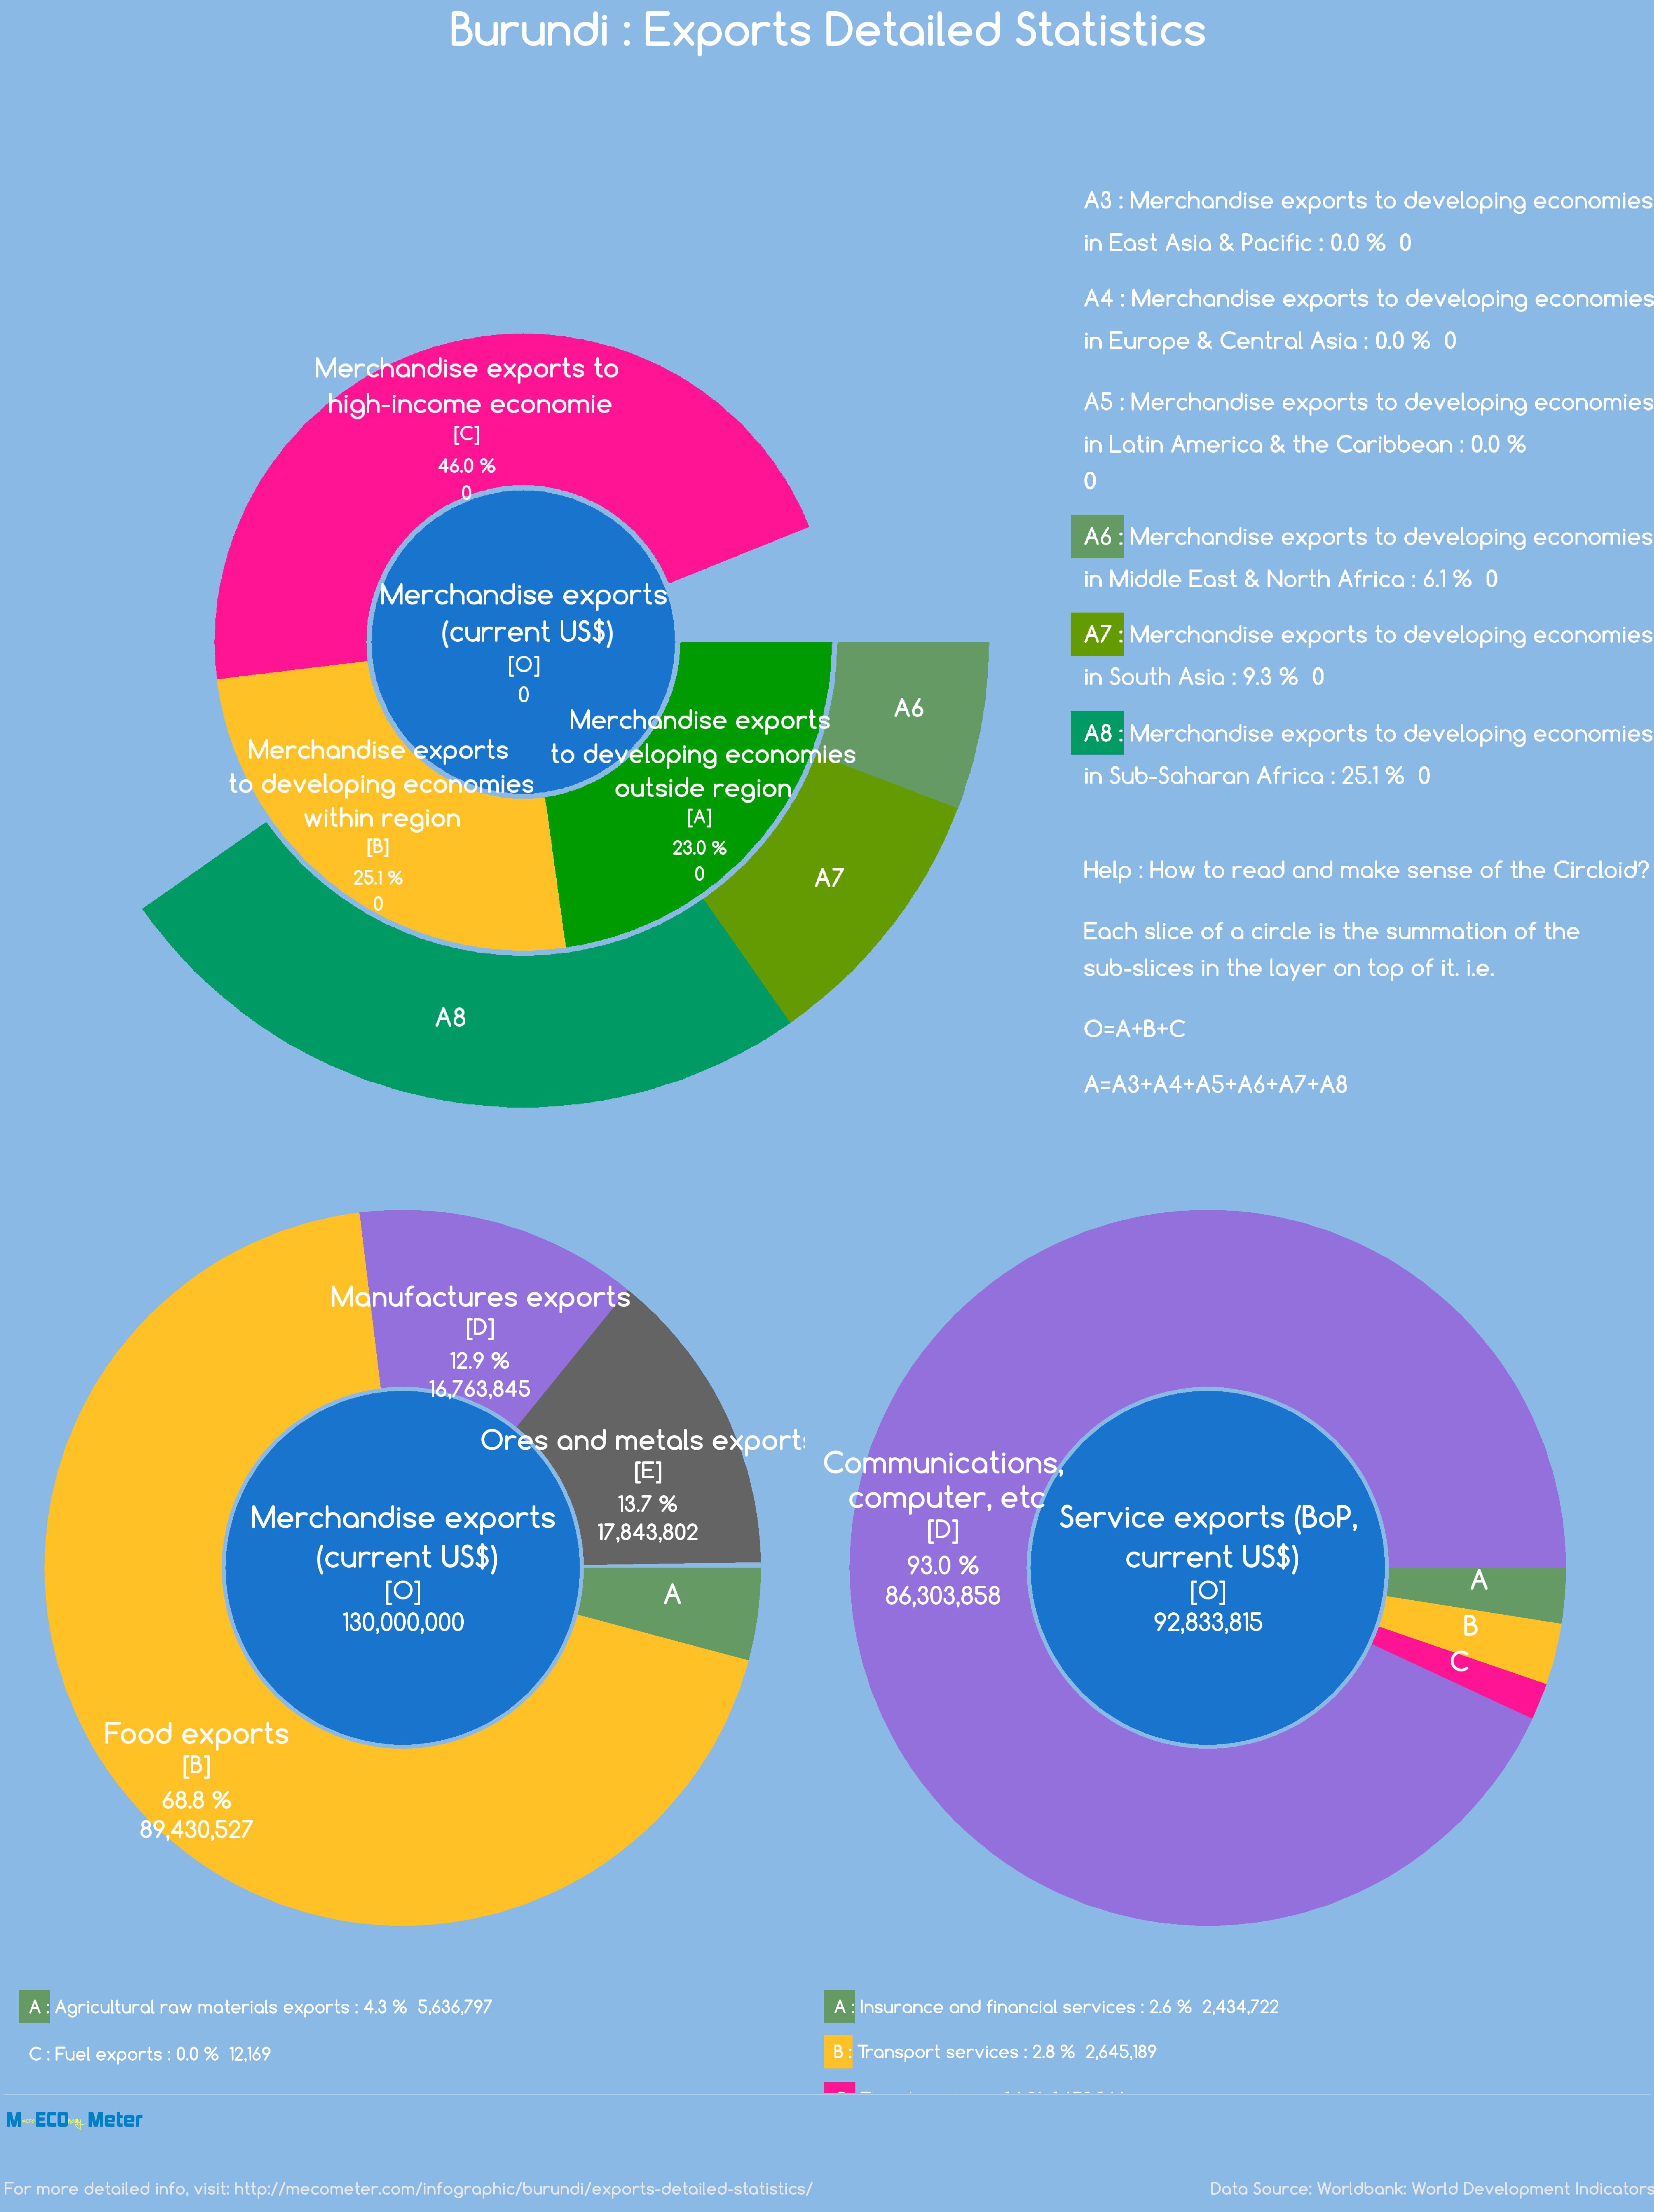 Burundi : Exports Detailed Statistics